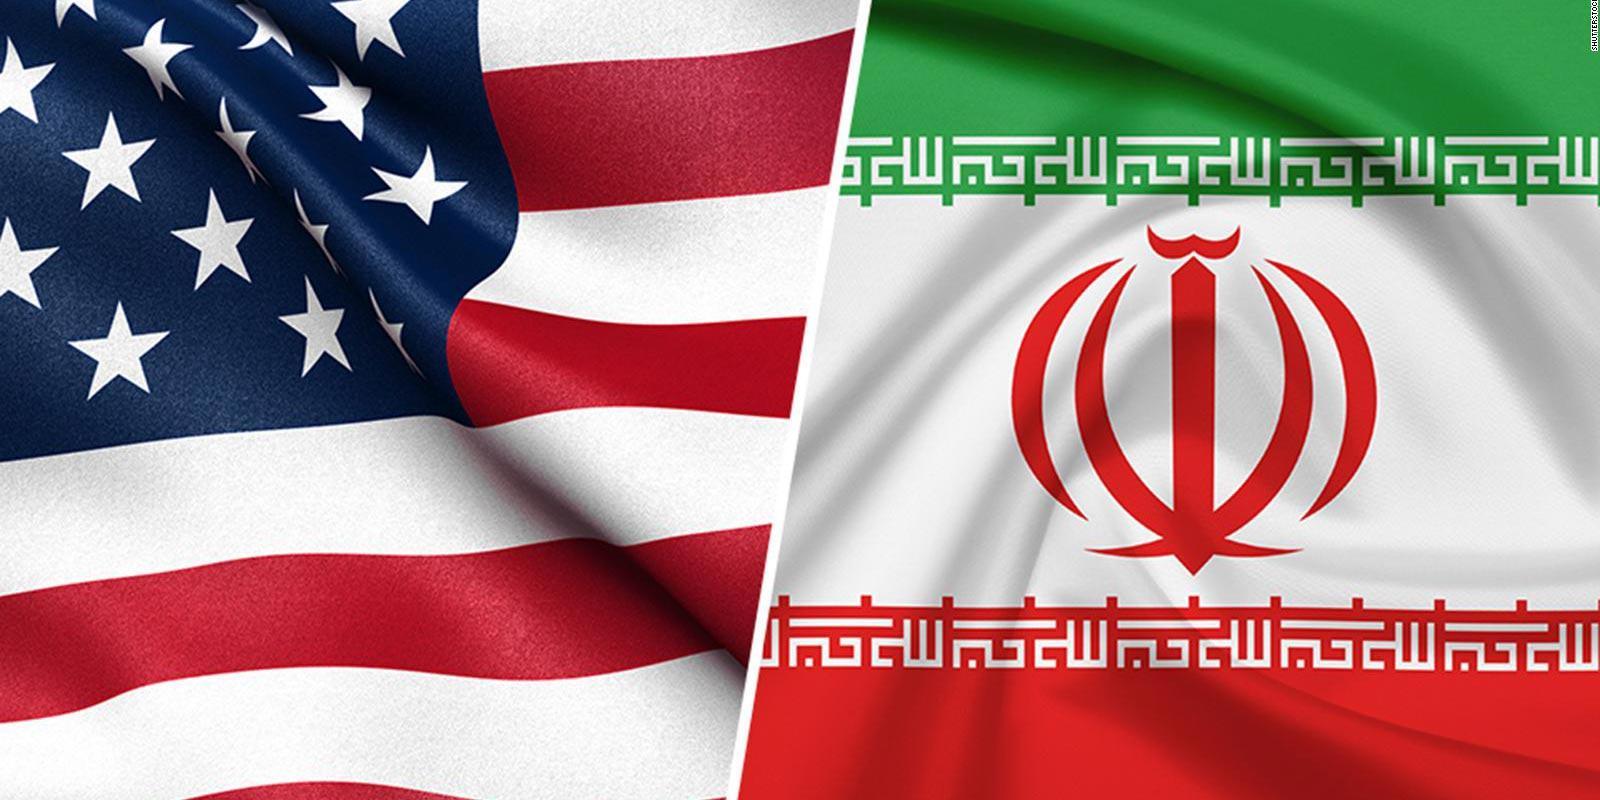 Эскалация конфликта между США и Ираном